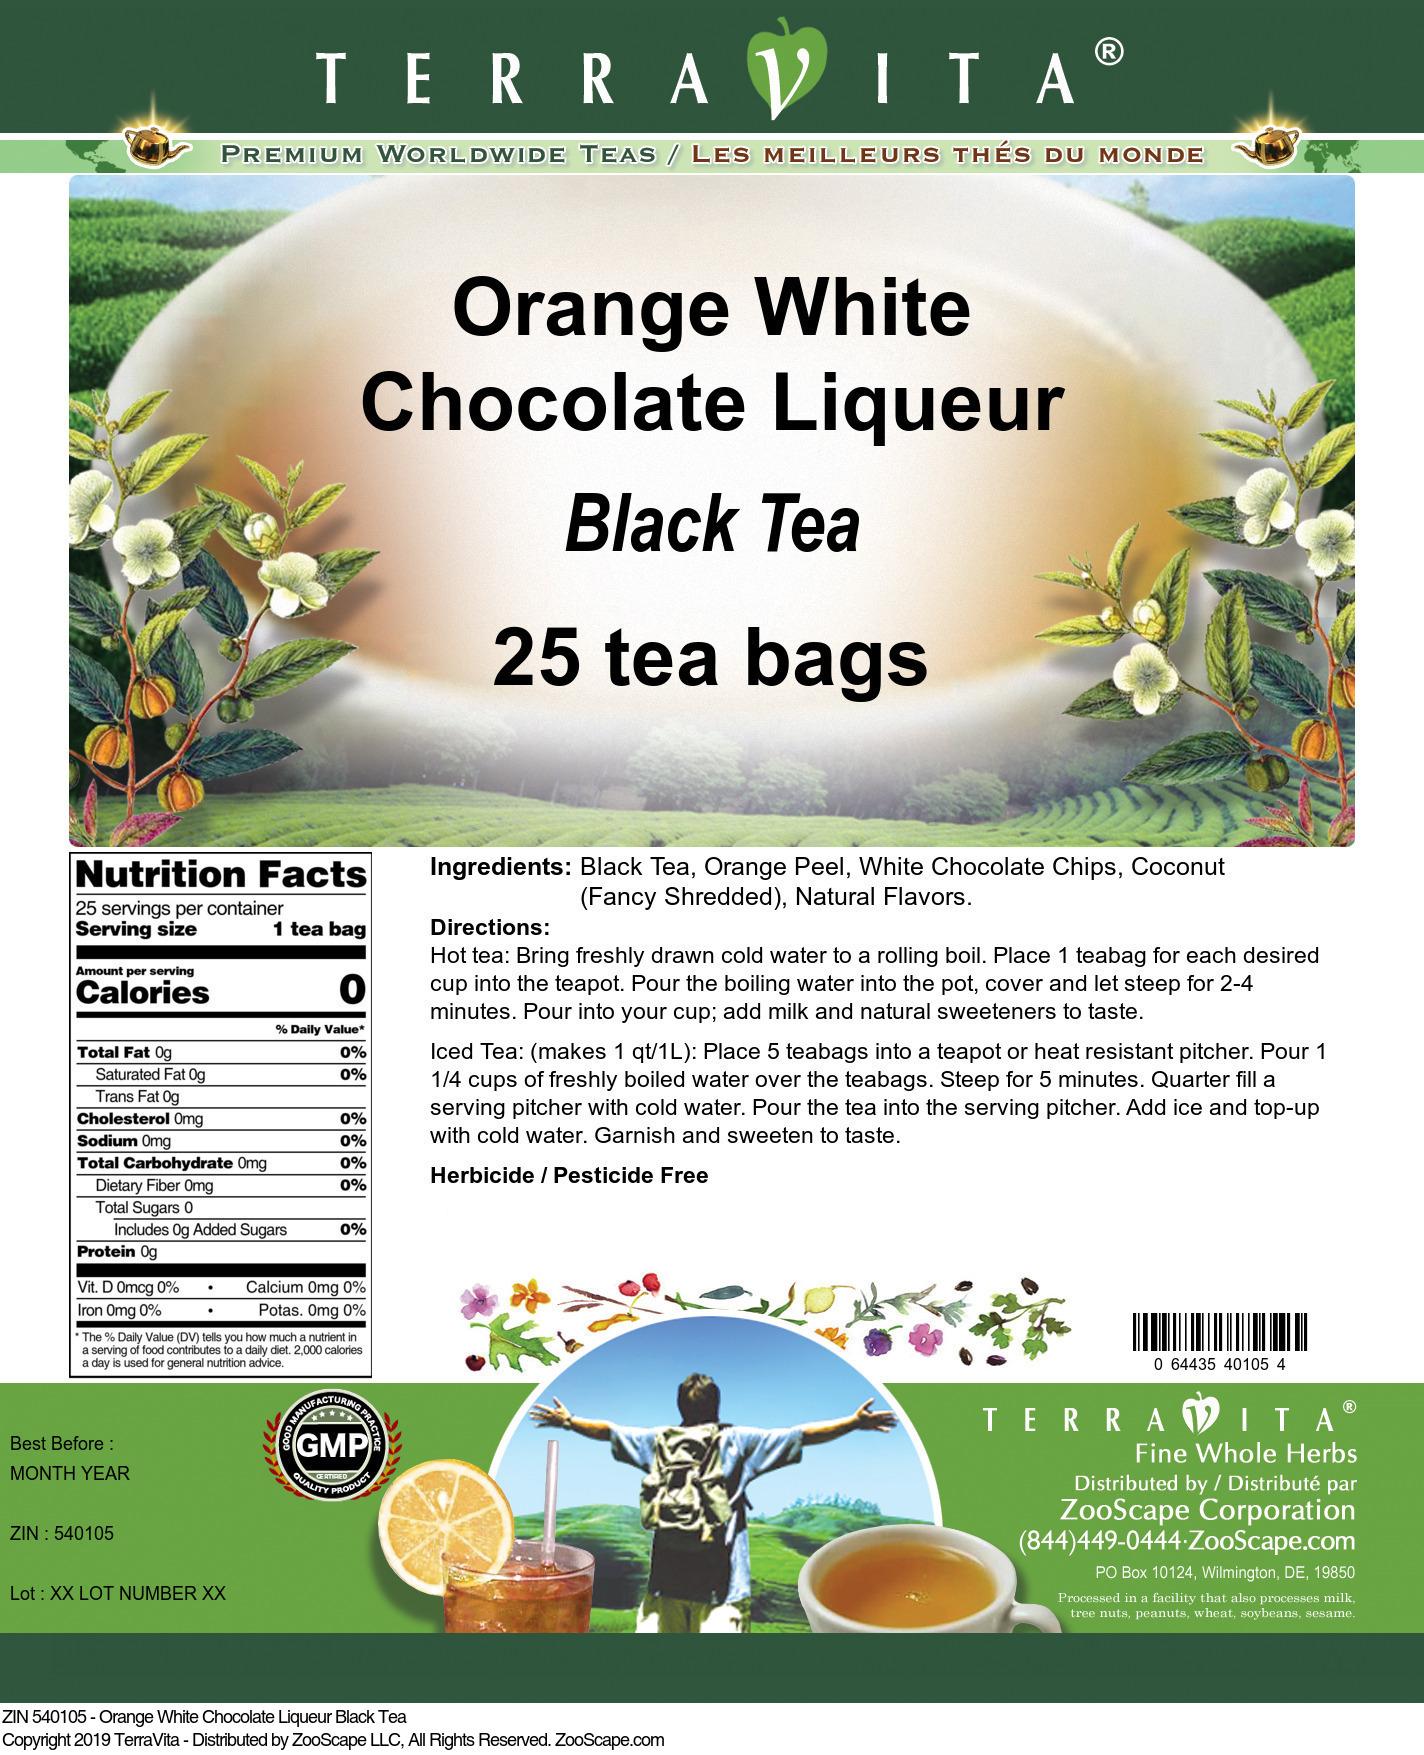 Orange White Chocolate Liqueur Black Tea